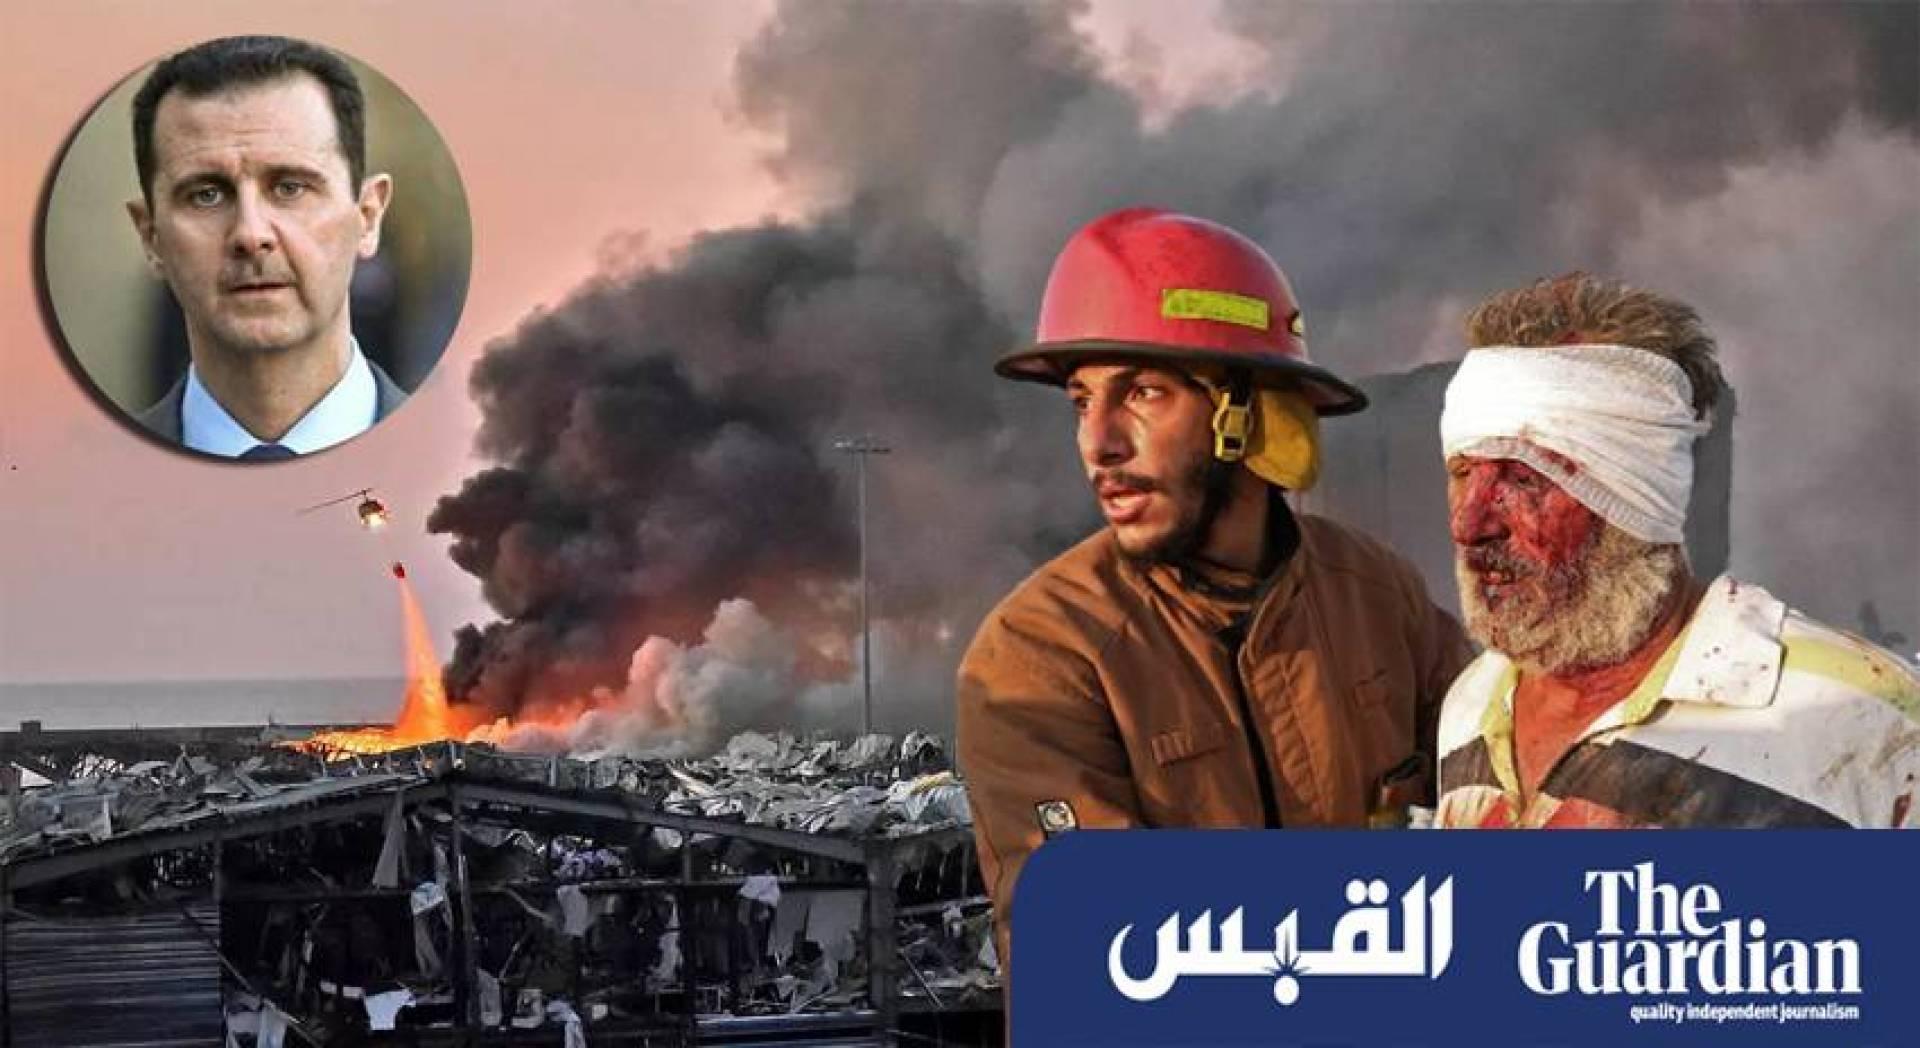 «الغارديان»: رجال أعمال مقربون من بشار الأسد.. مرتبطون بانفجار مرفأ بيروت